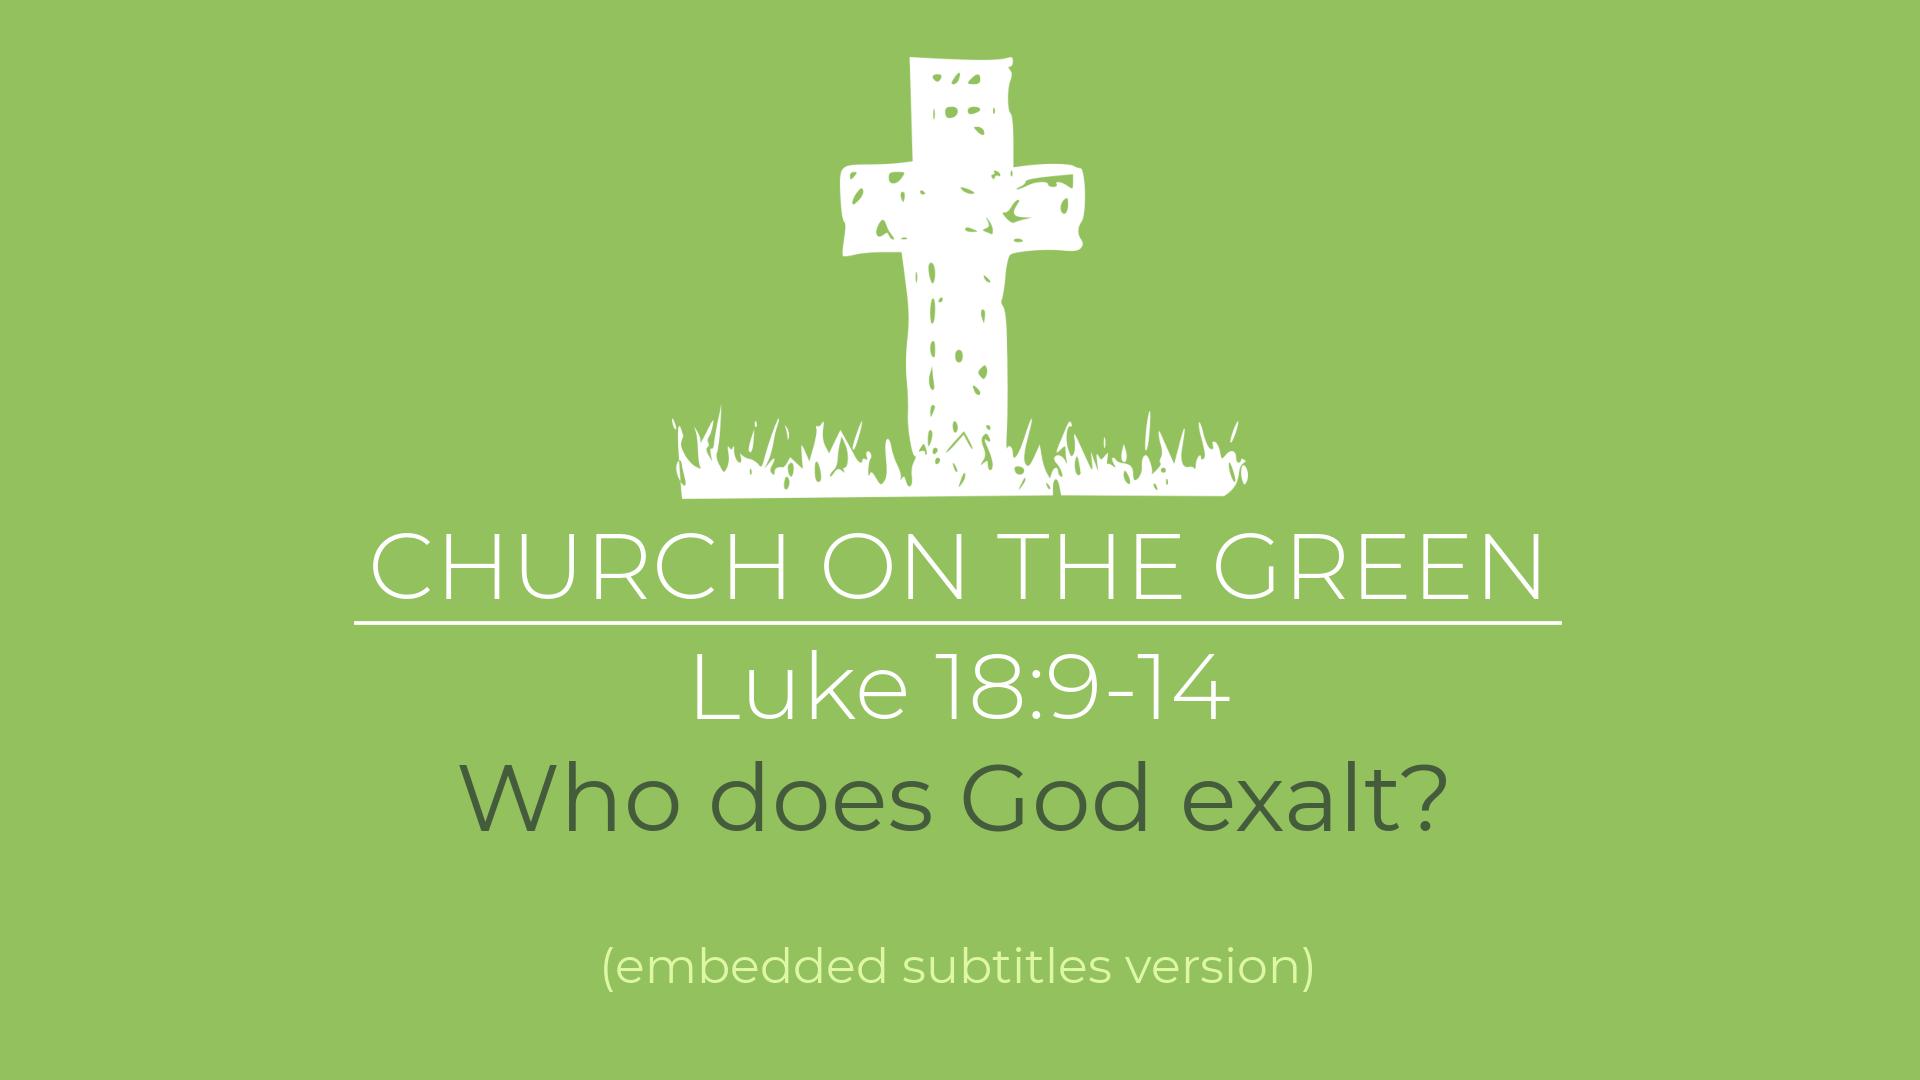 Who does God exalt? (Luke 18:9-14)